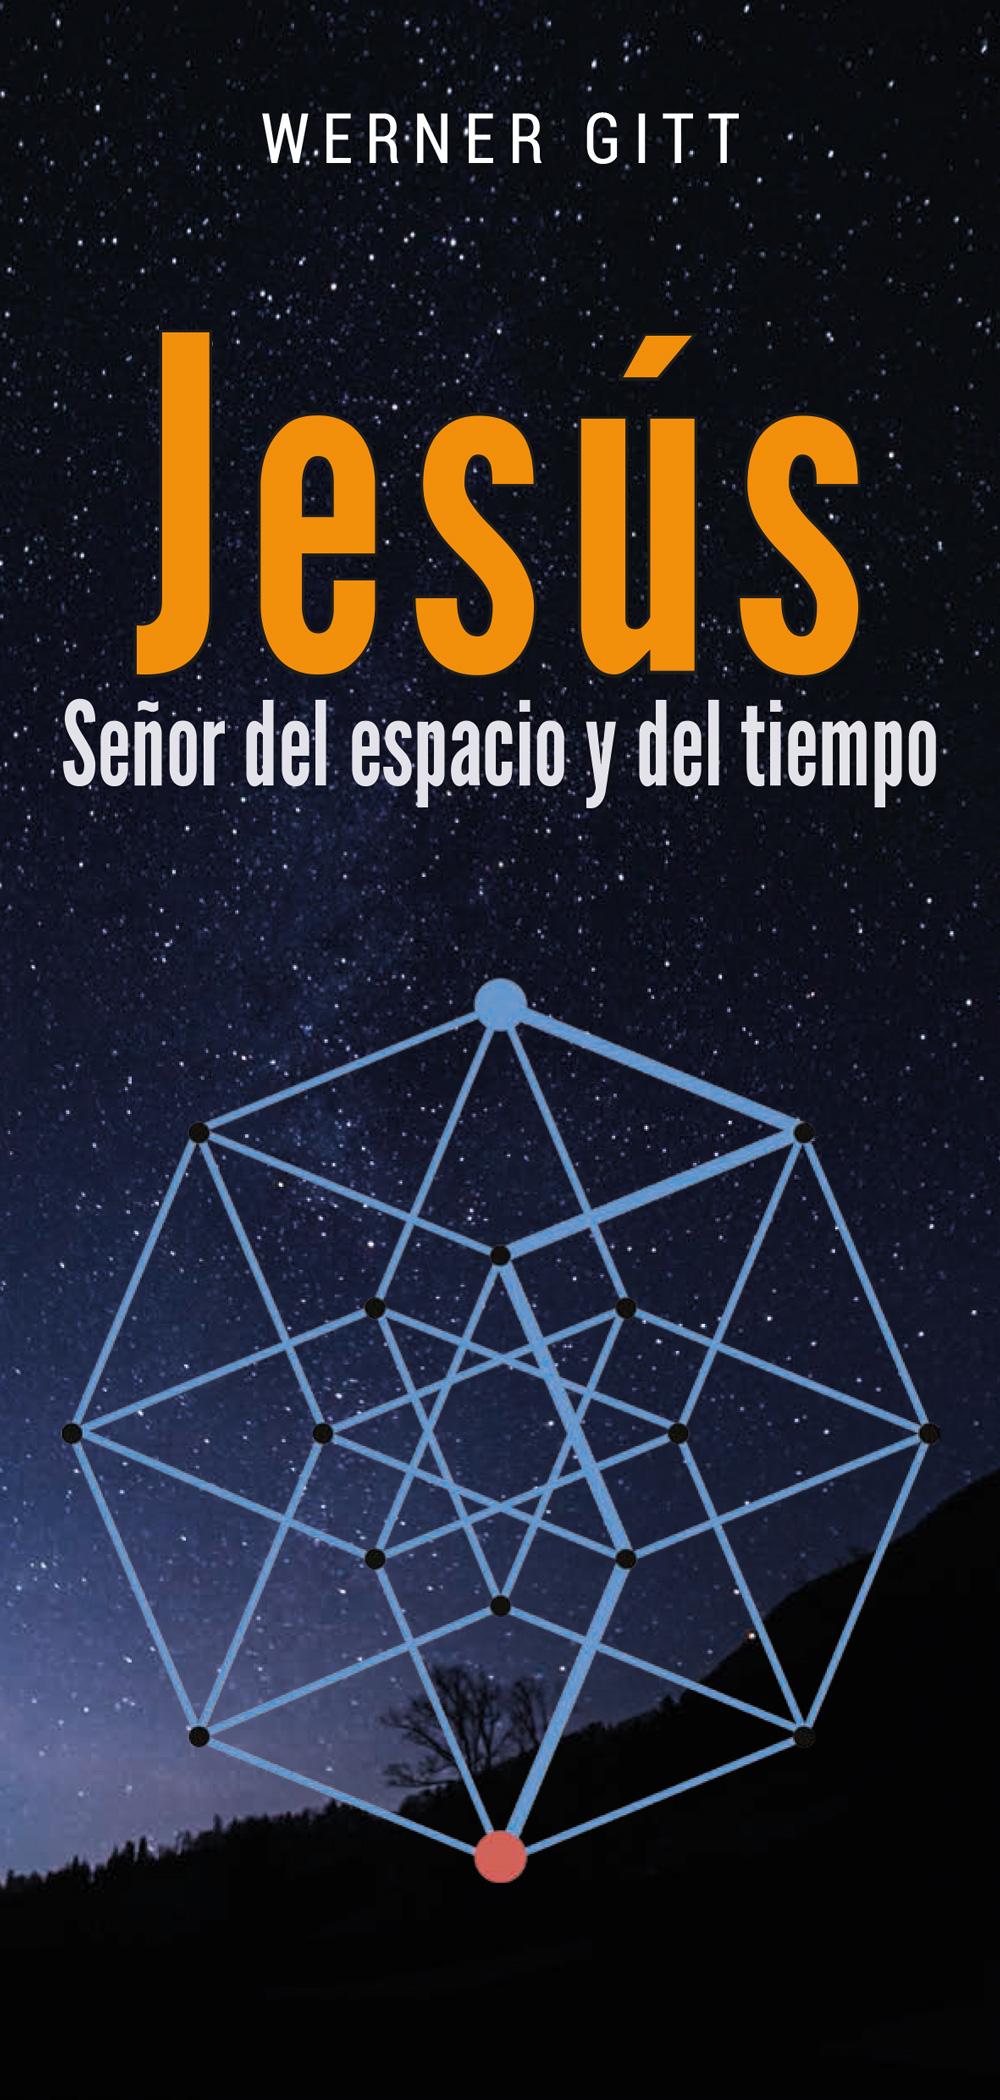 Spanisch: Jesus - Herr über Raum und Zeit